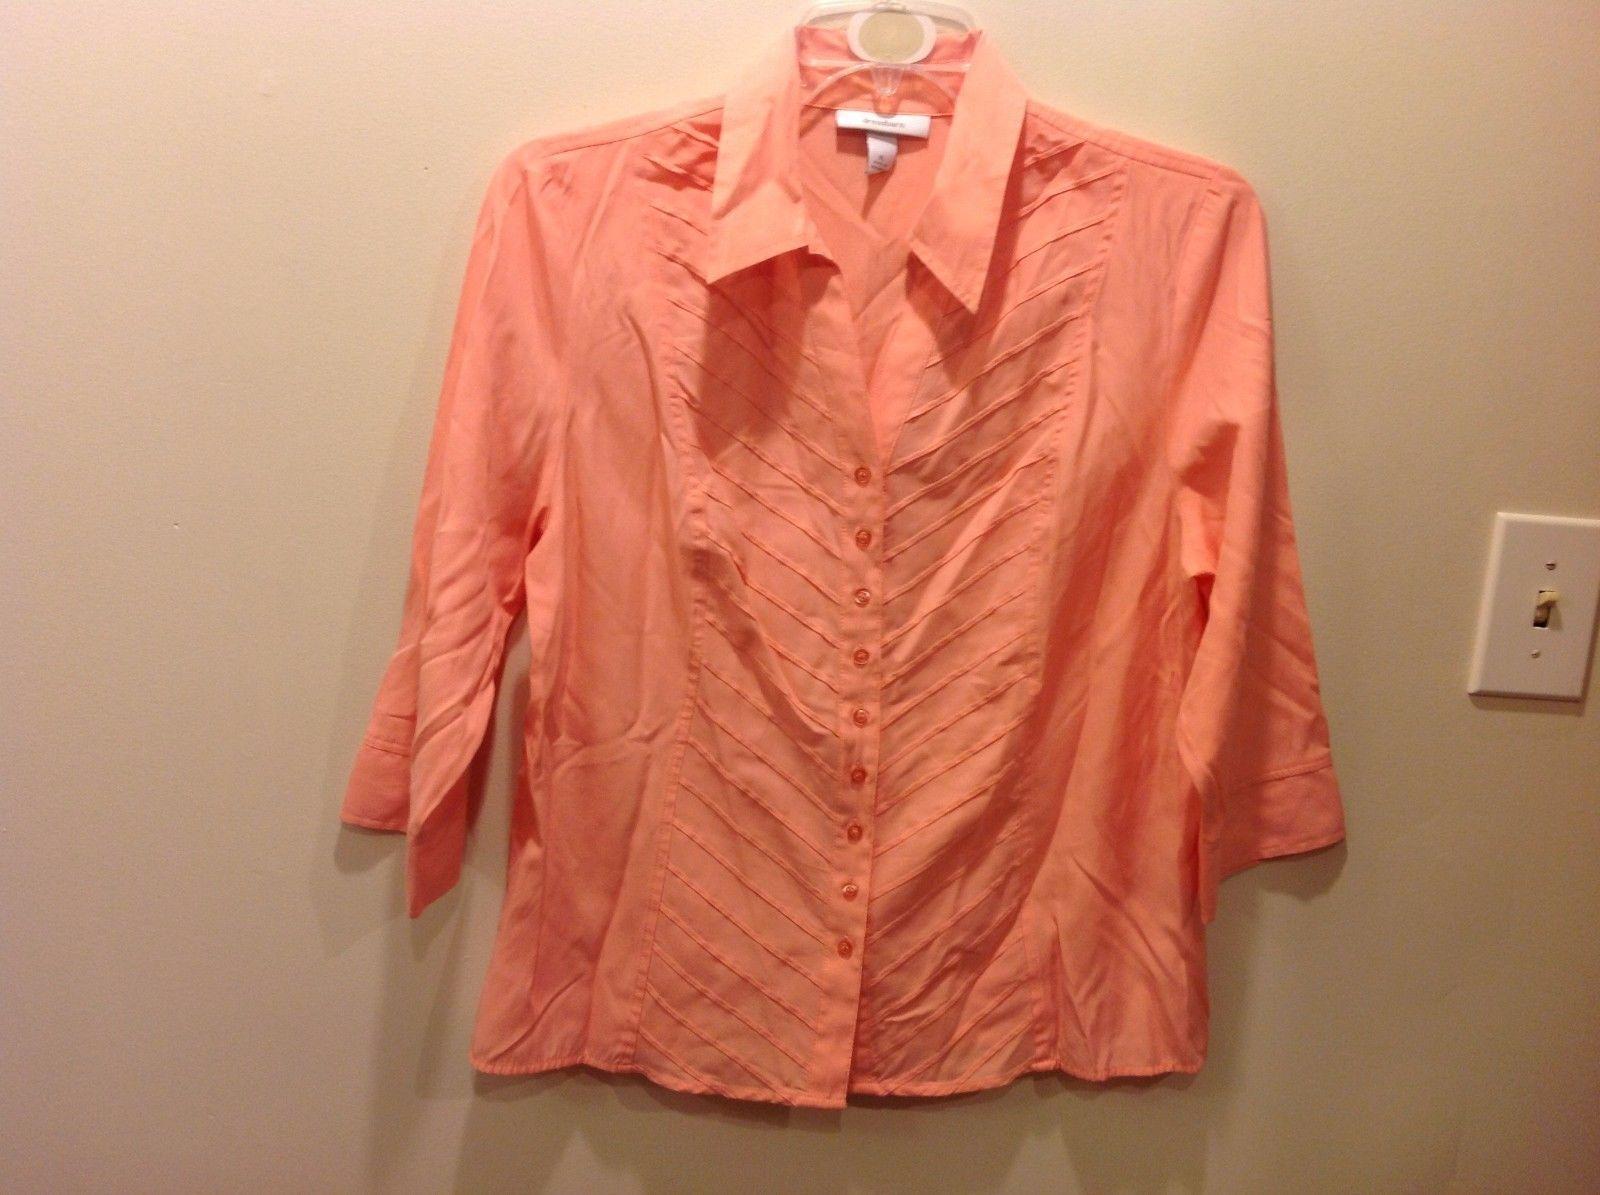 Bright Peach Pink Button Up Blouse w Diagonal Striped Pattern Sz XL